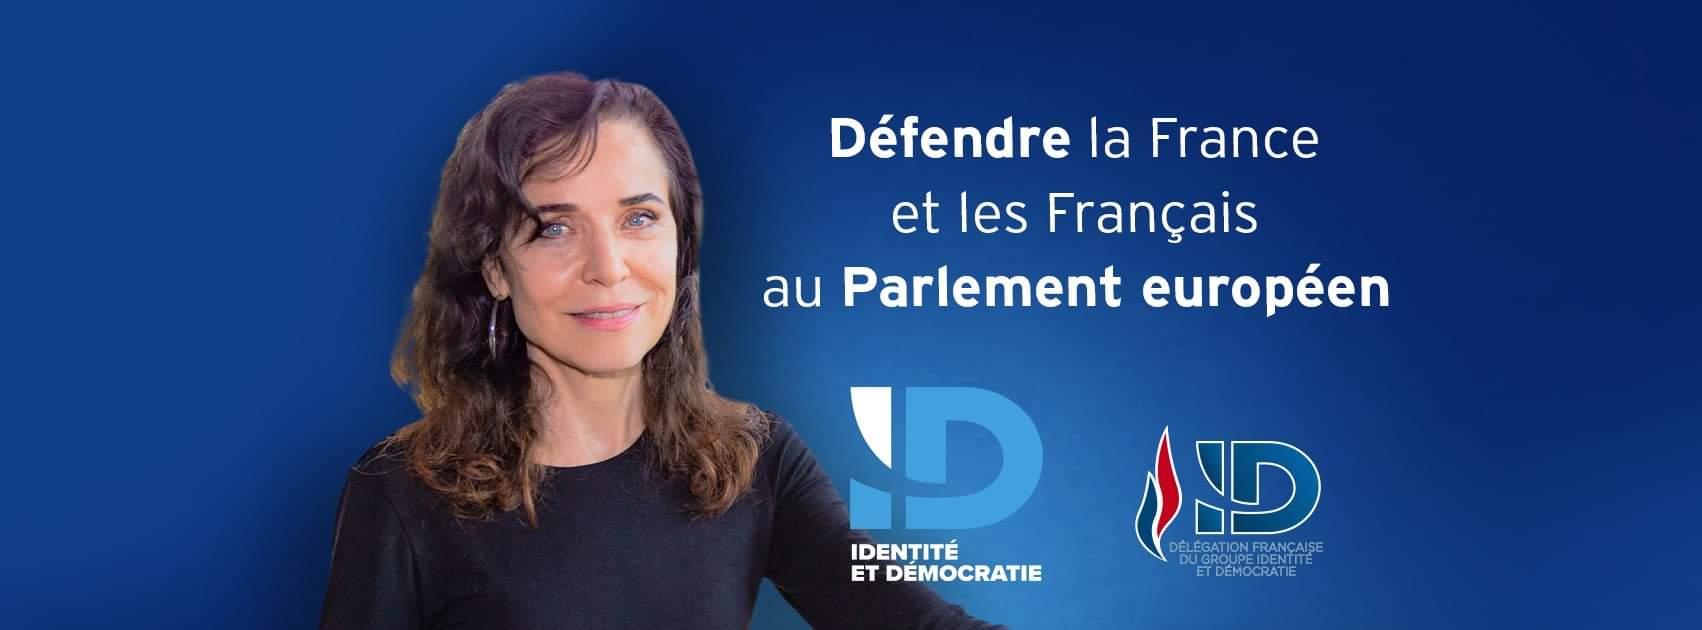 Macron s'inquiète de violences policières. Nous, nous sommes sidérés par les violences faites aux policiers !